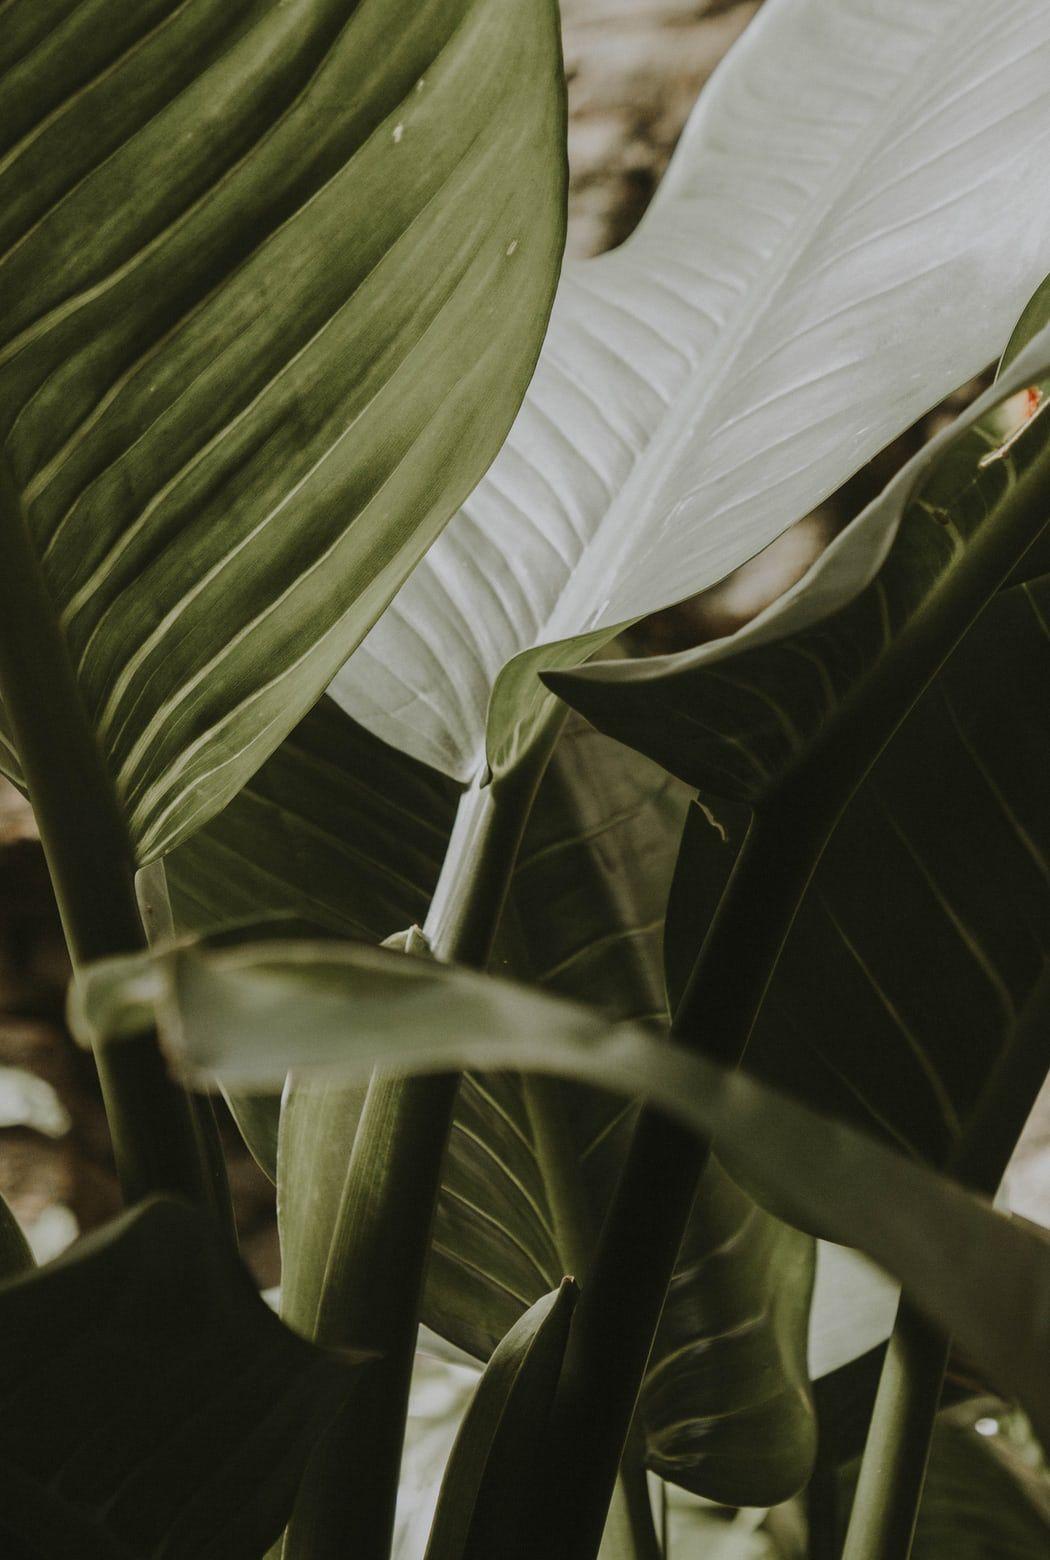 Plant, leaf, blossom and flower HD photo by Liubov